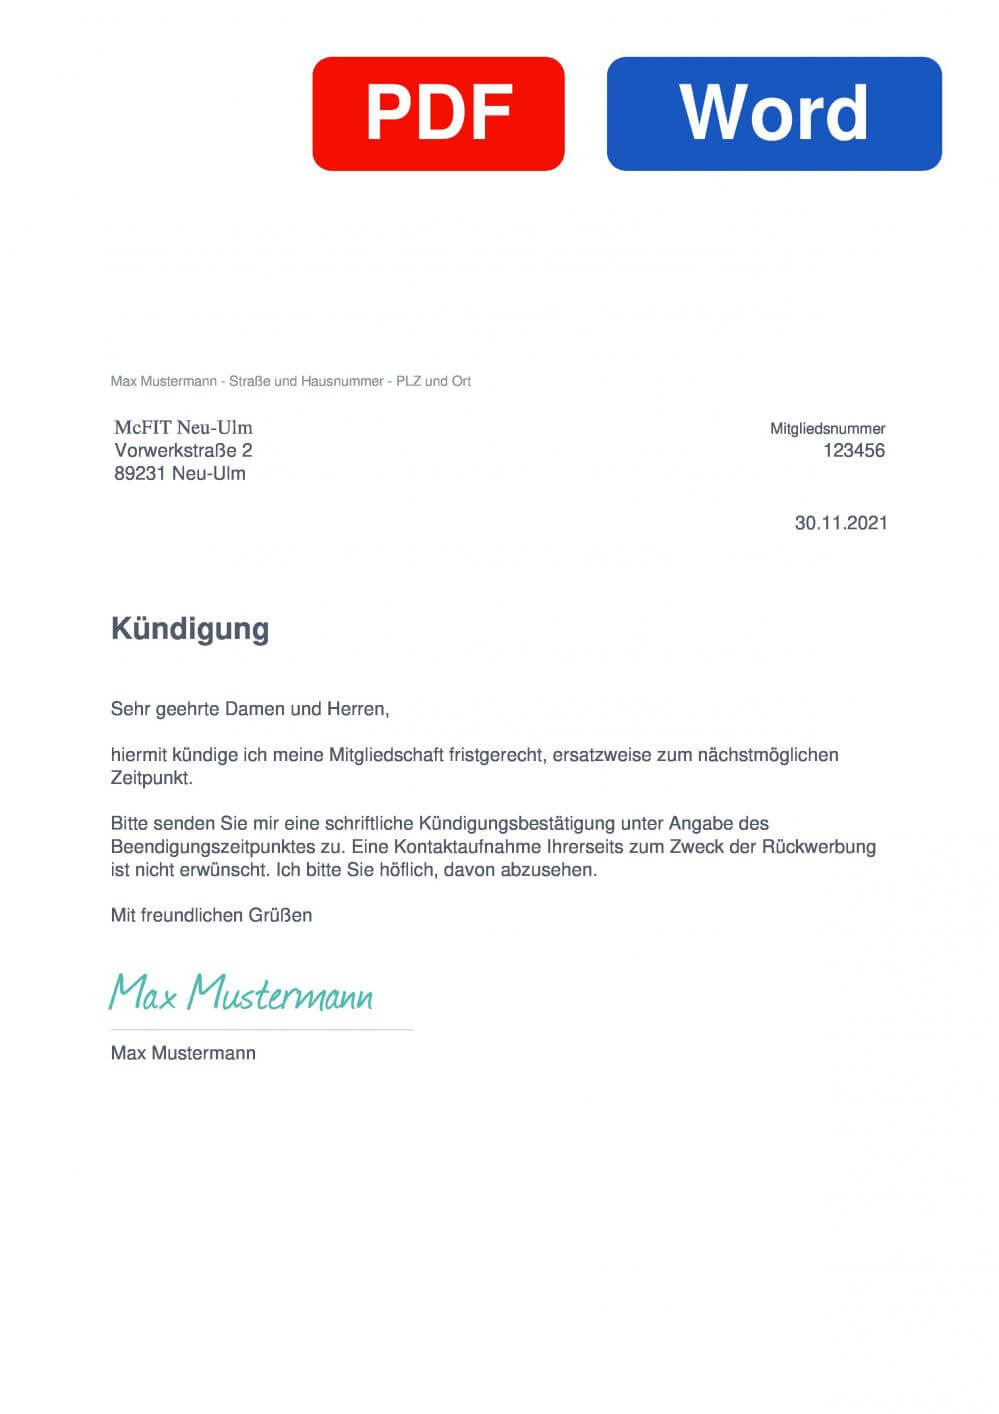 McFIT Neu-Ulm Muster Vorlage für Kündigungsschreiben